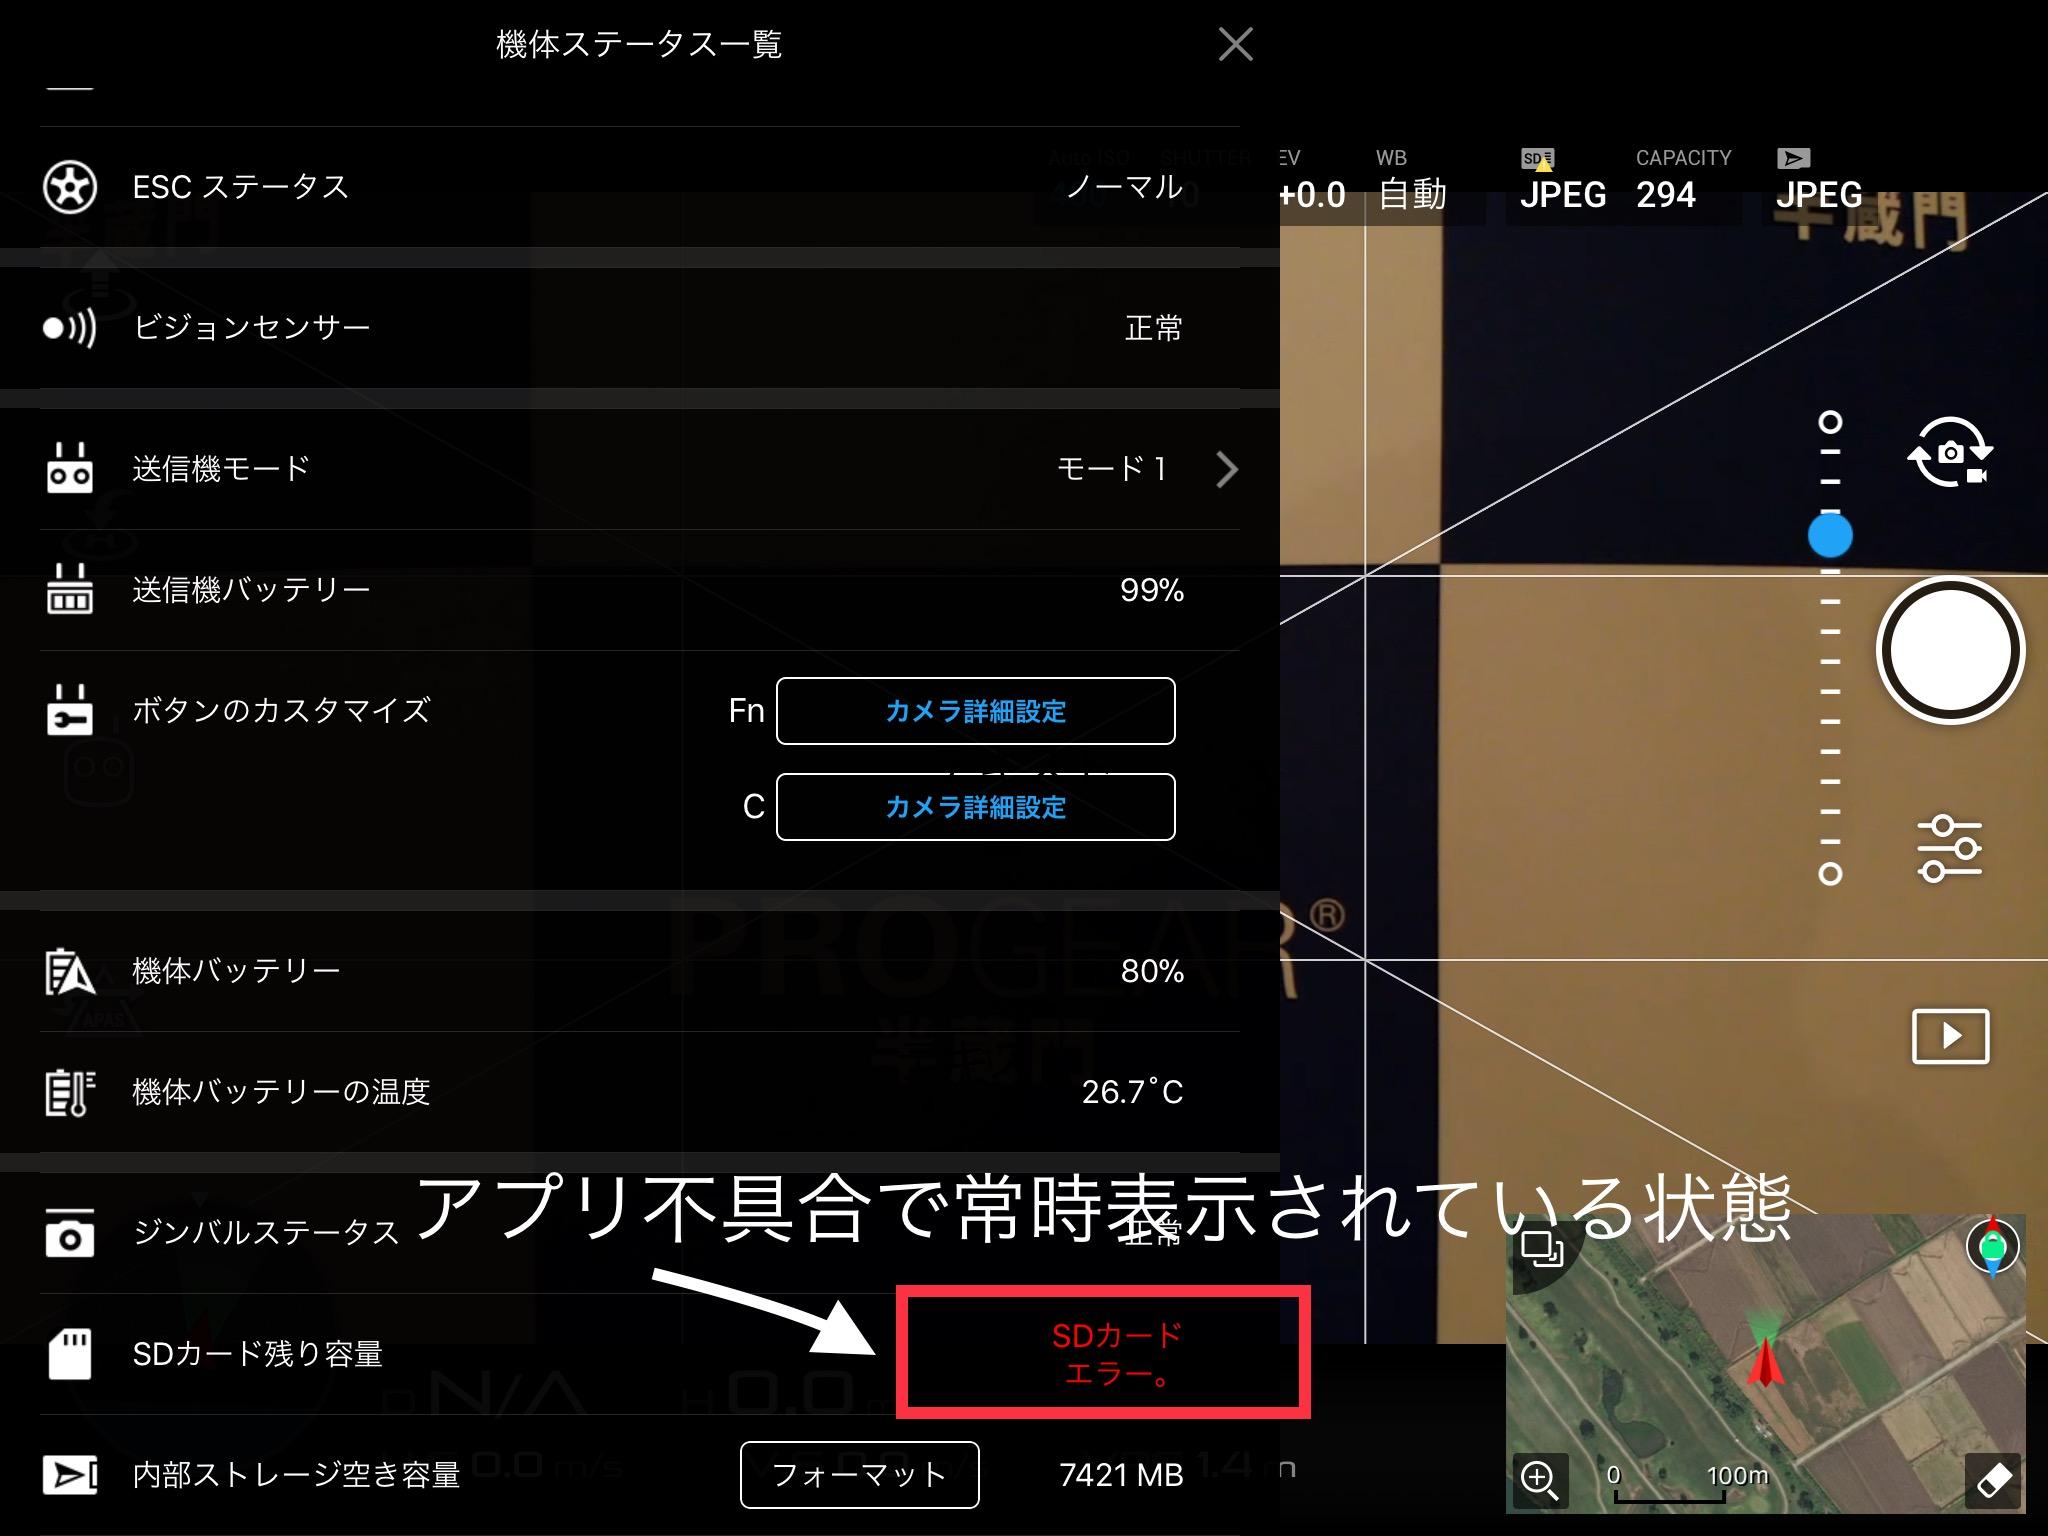 【お知らせ】DJI GO 4アプリでSDカードエラーと表示される不具合について